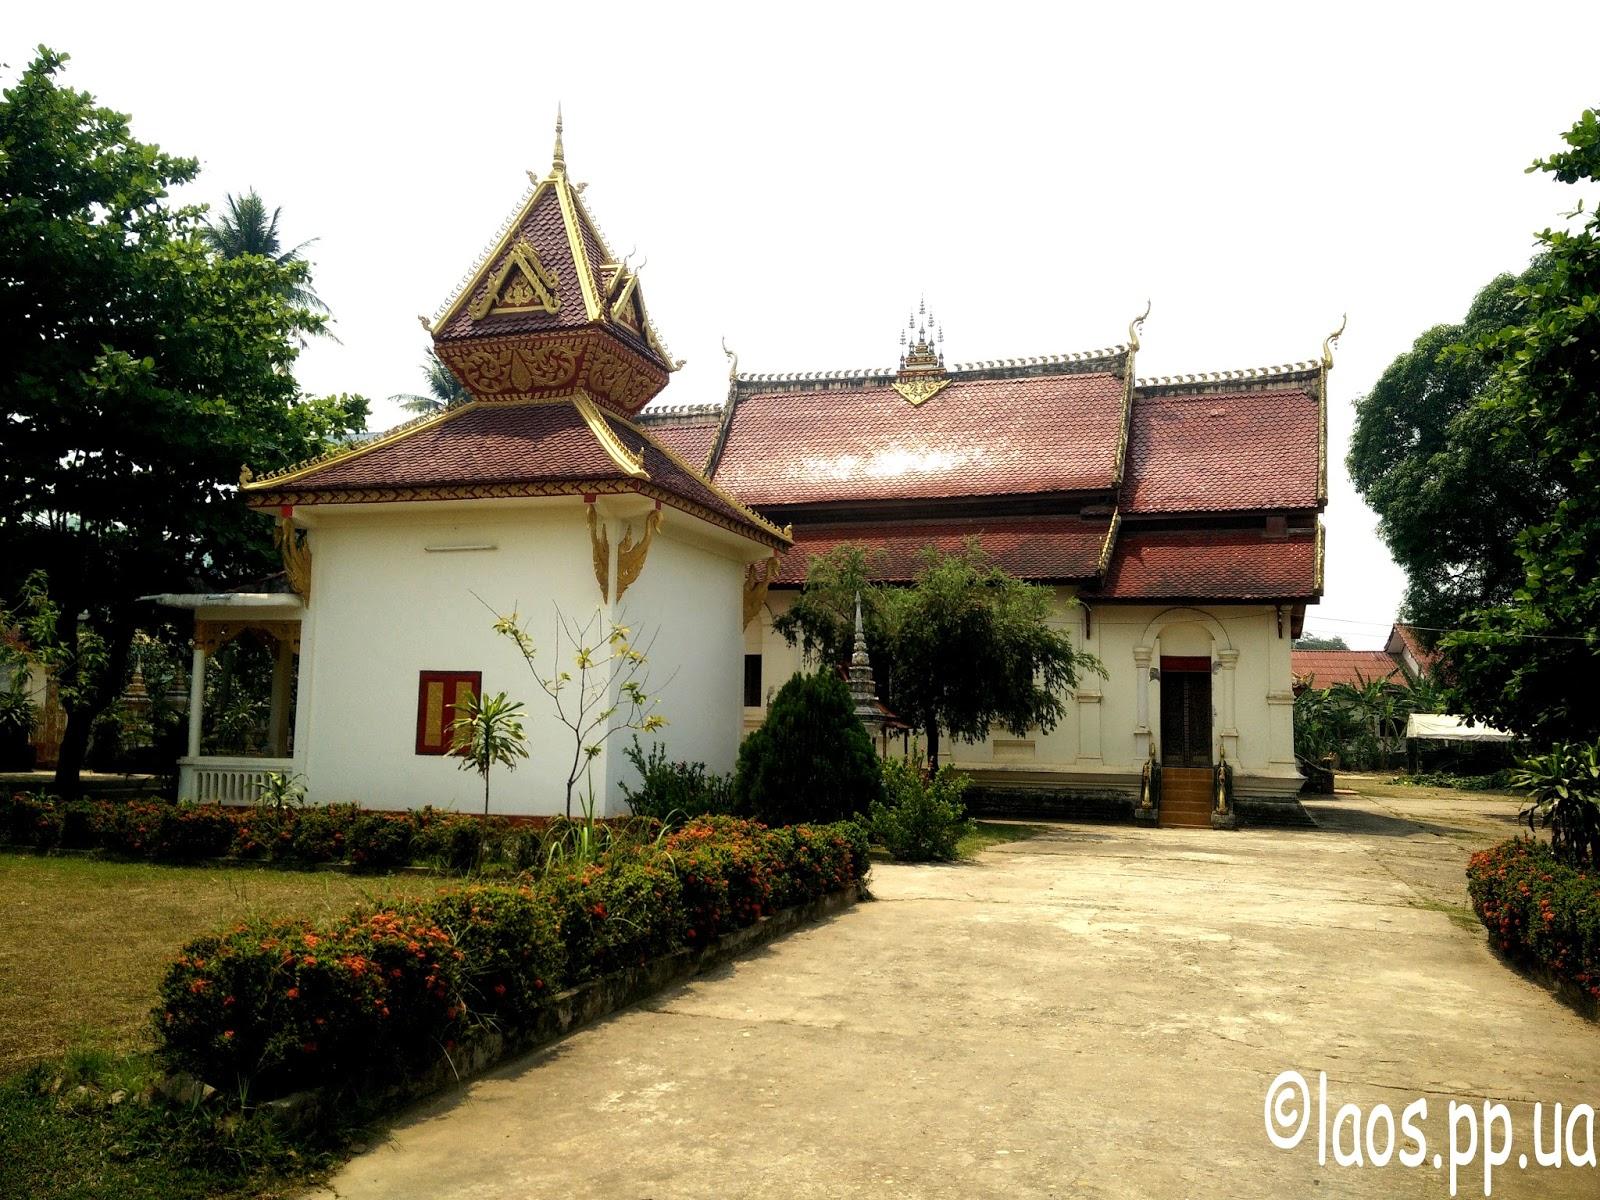 Территория лаосского буддиского храма